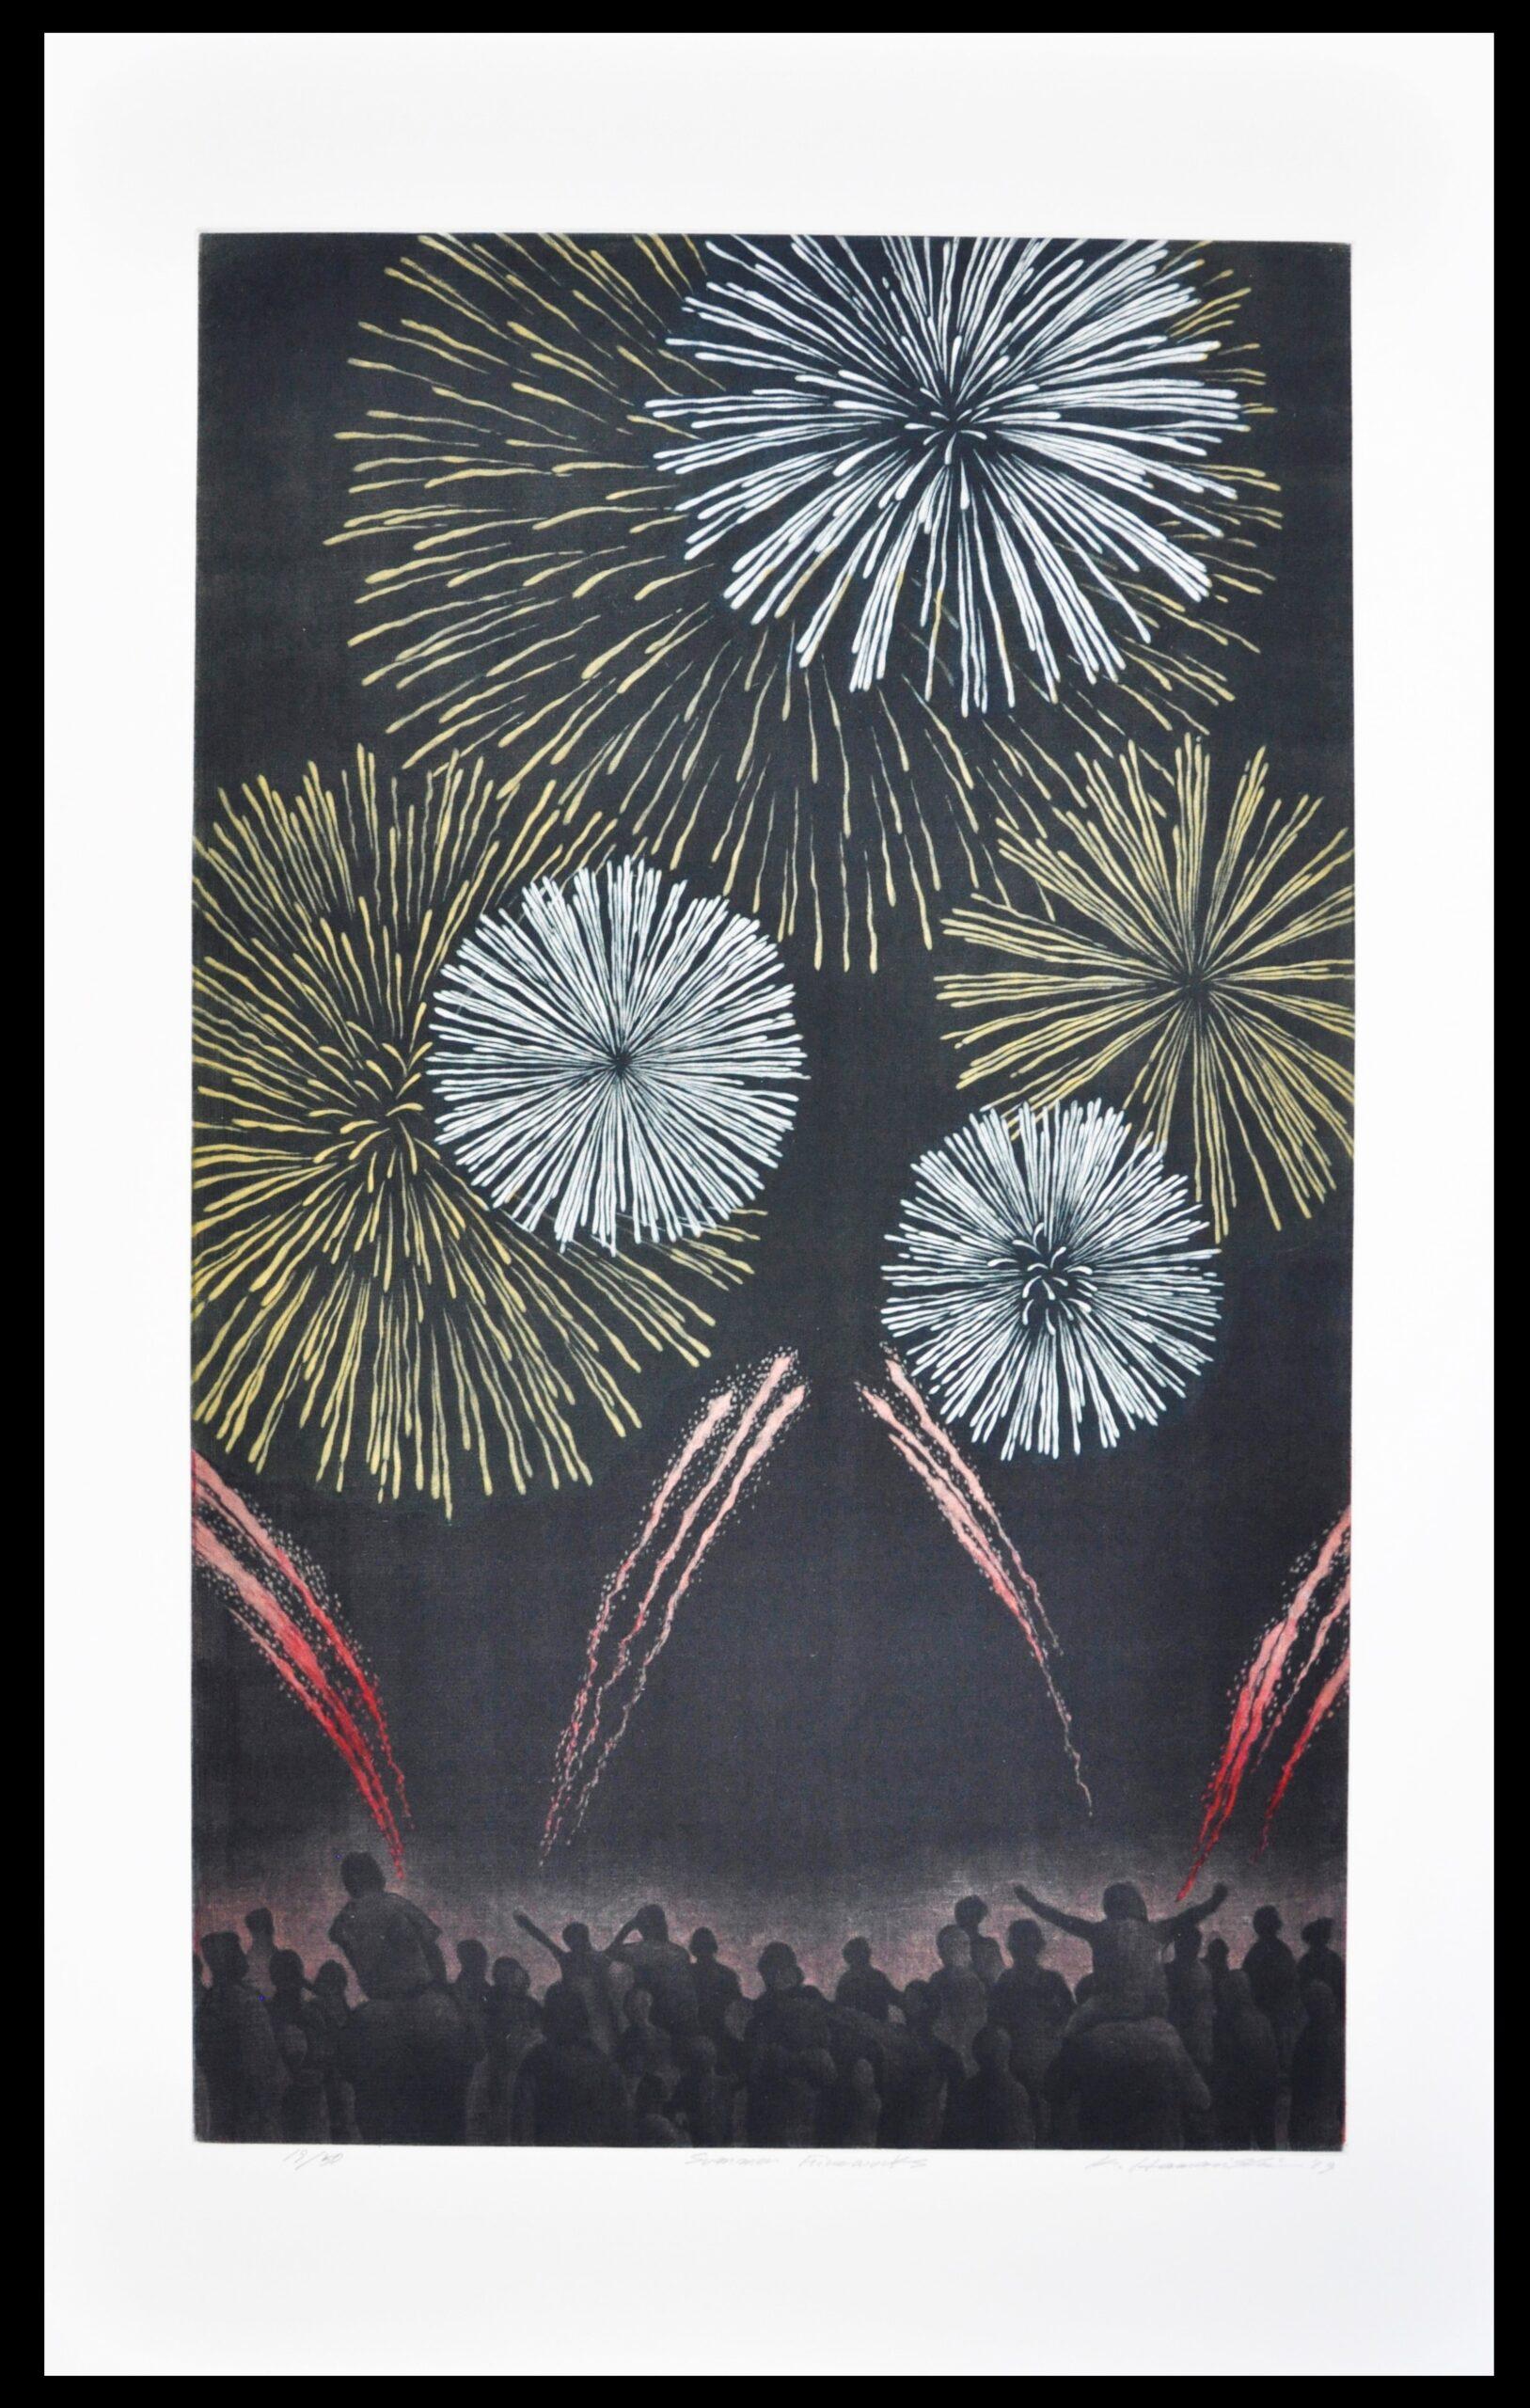 """Katsunori Hamanishi - """"Summer Fireworks"""" 2019 Mezzotint, 60 cm x 35 cm image"""